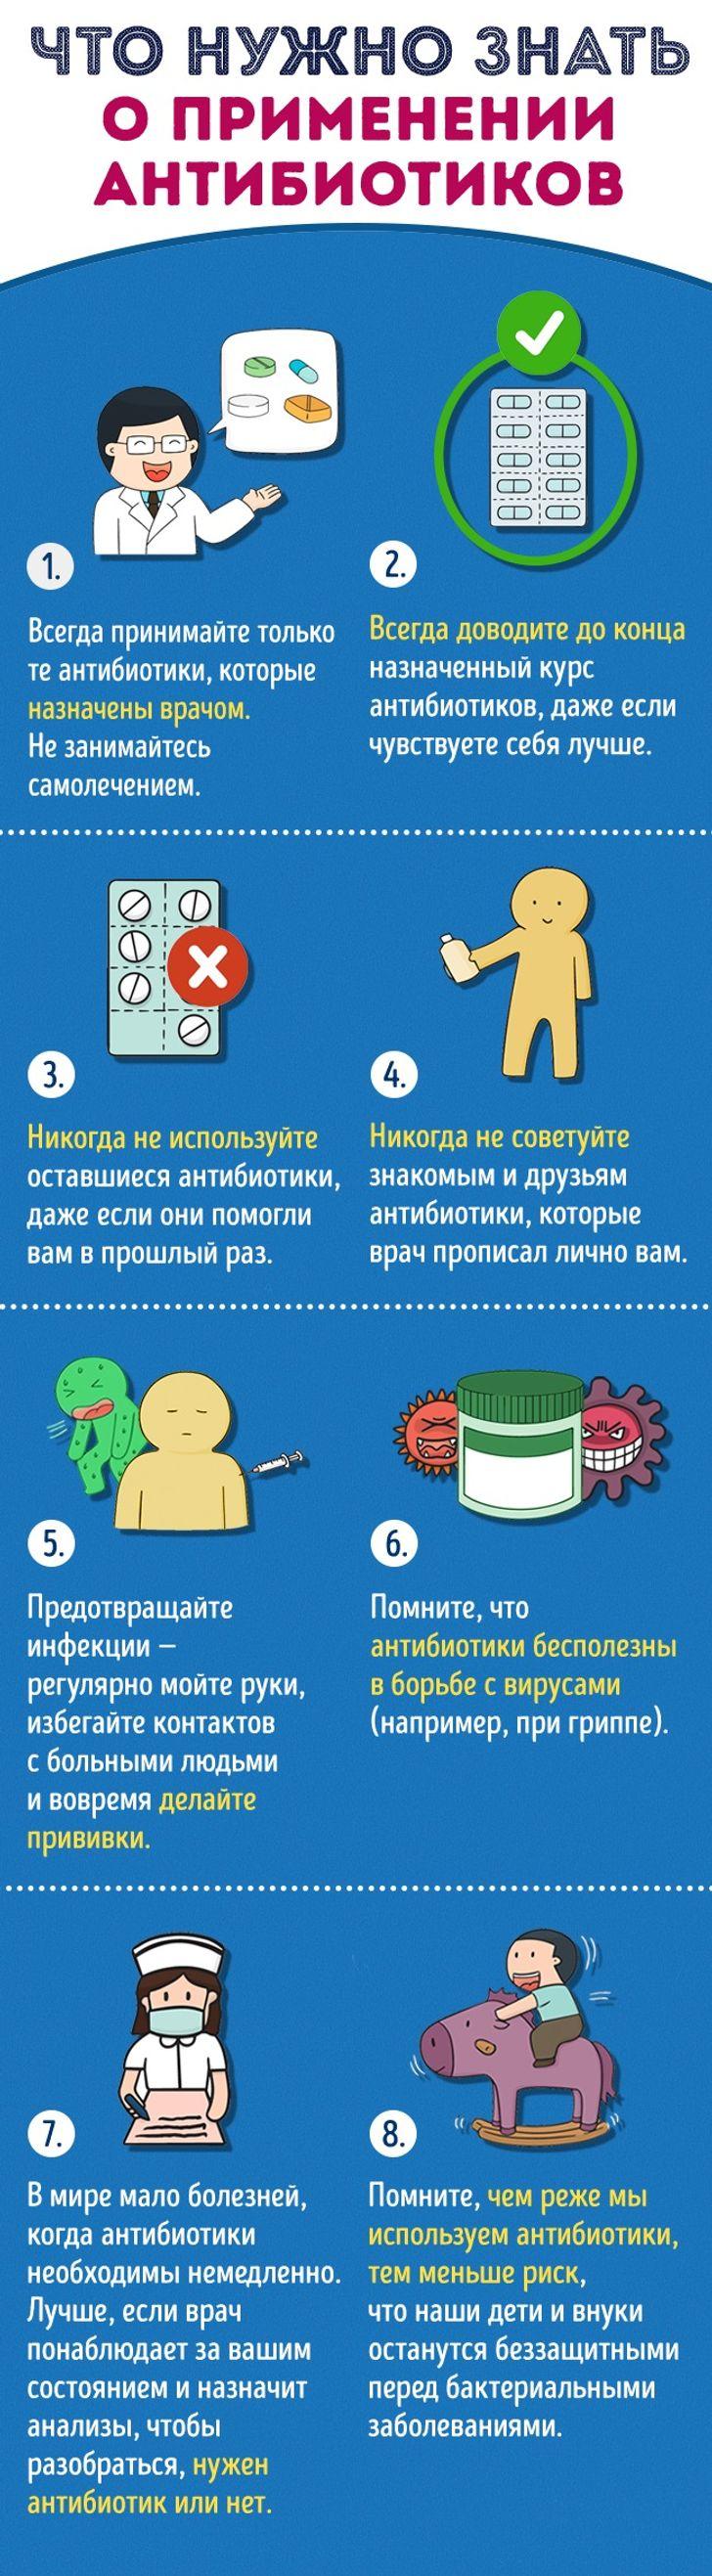 Серьезное предупреждение про антибиотики отдоктора Комаровского